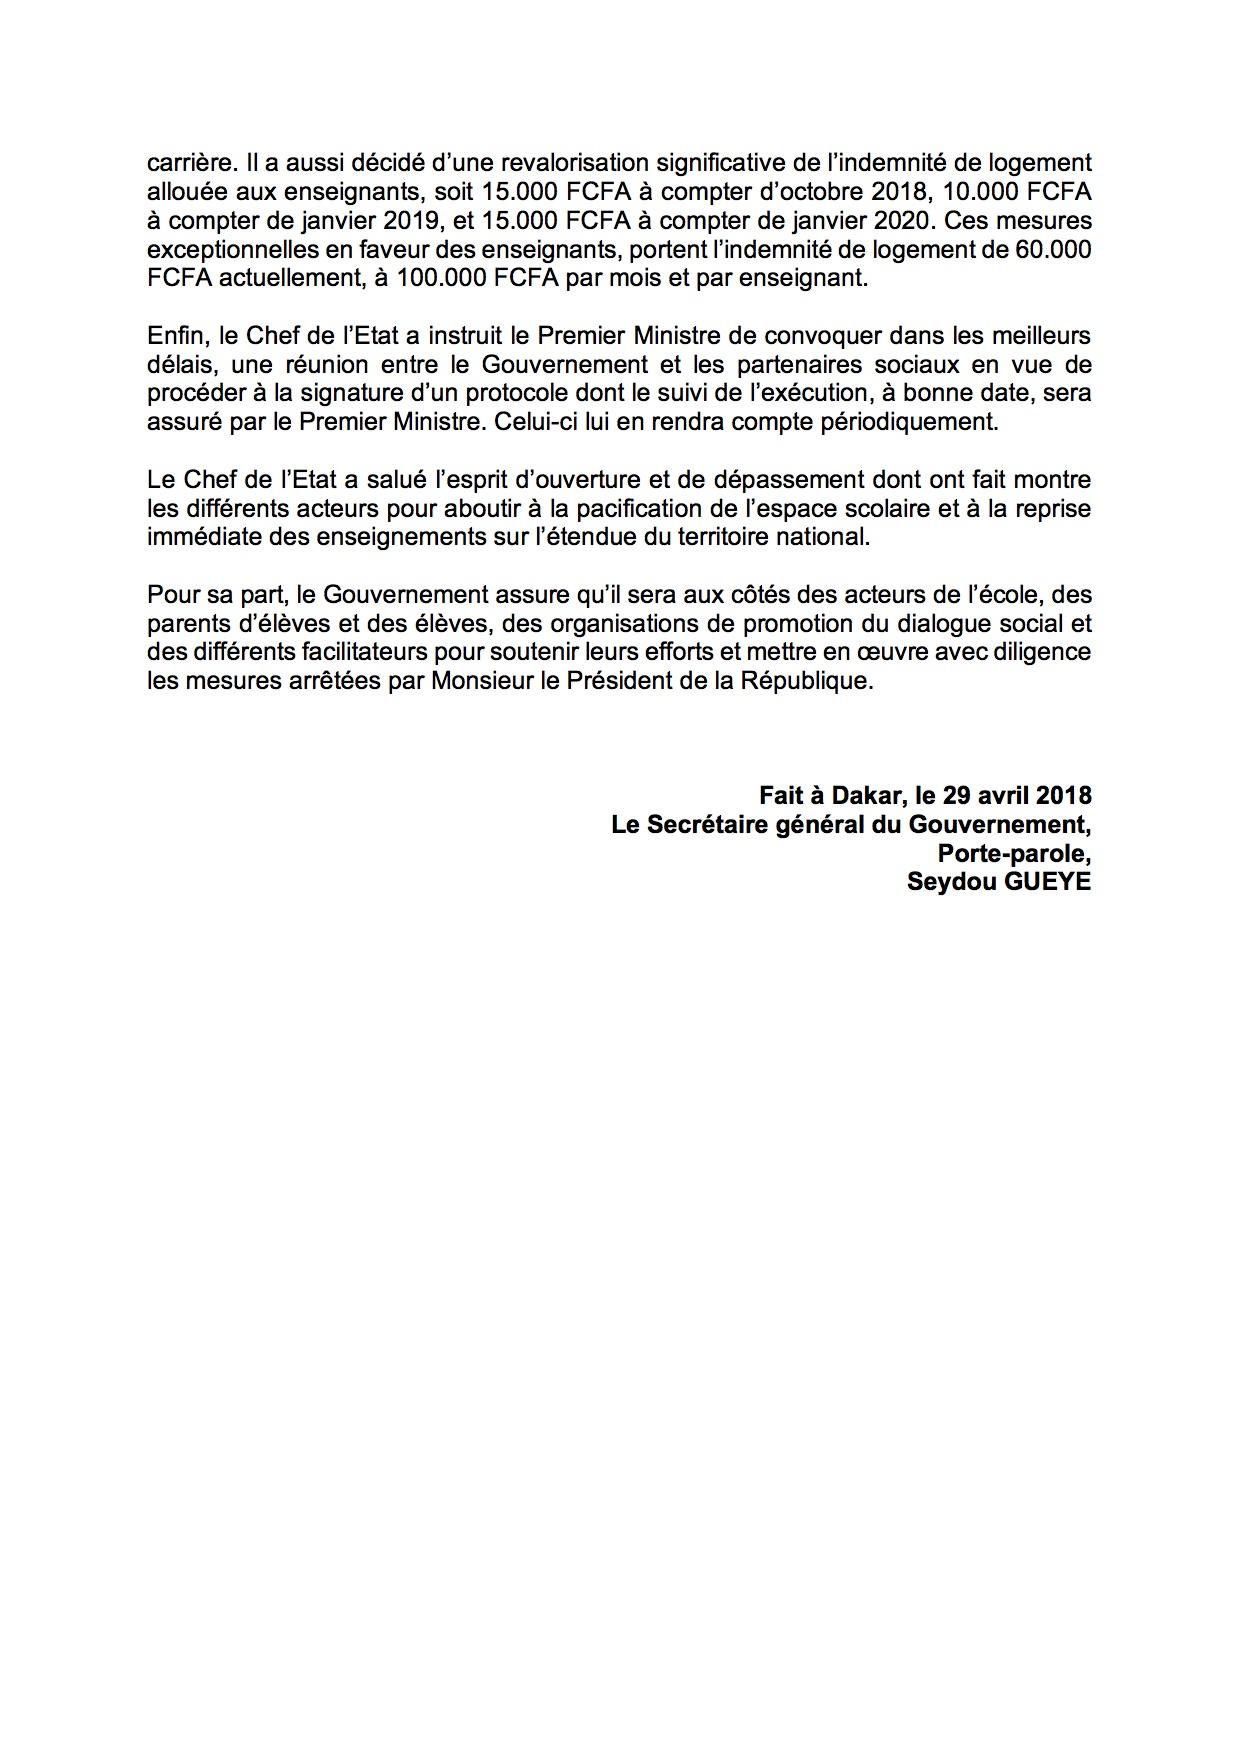 Documents - Le G 6 décide de suspendre son mot d'ordre : Dénouement de la crise scolaire, Macky Sall sauve le Sénégal d'une année blanche